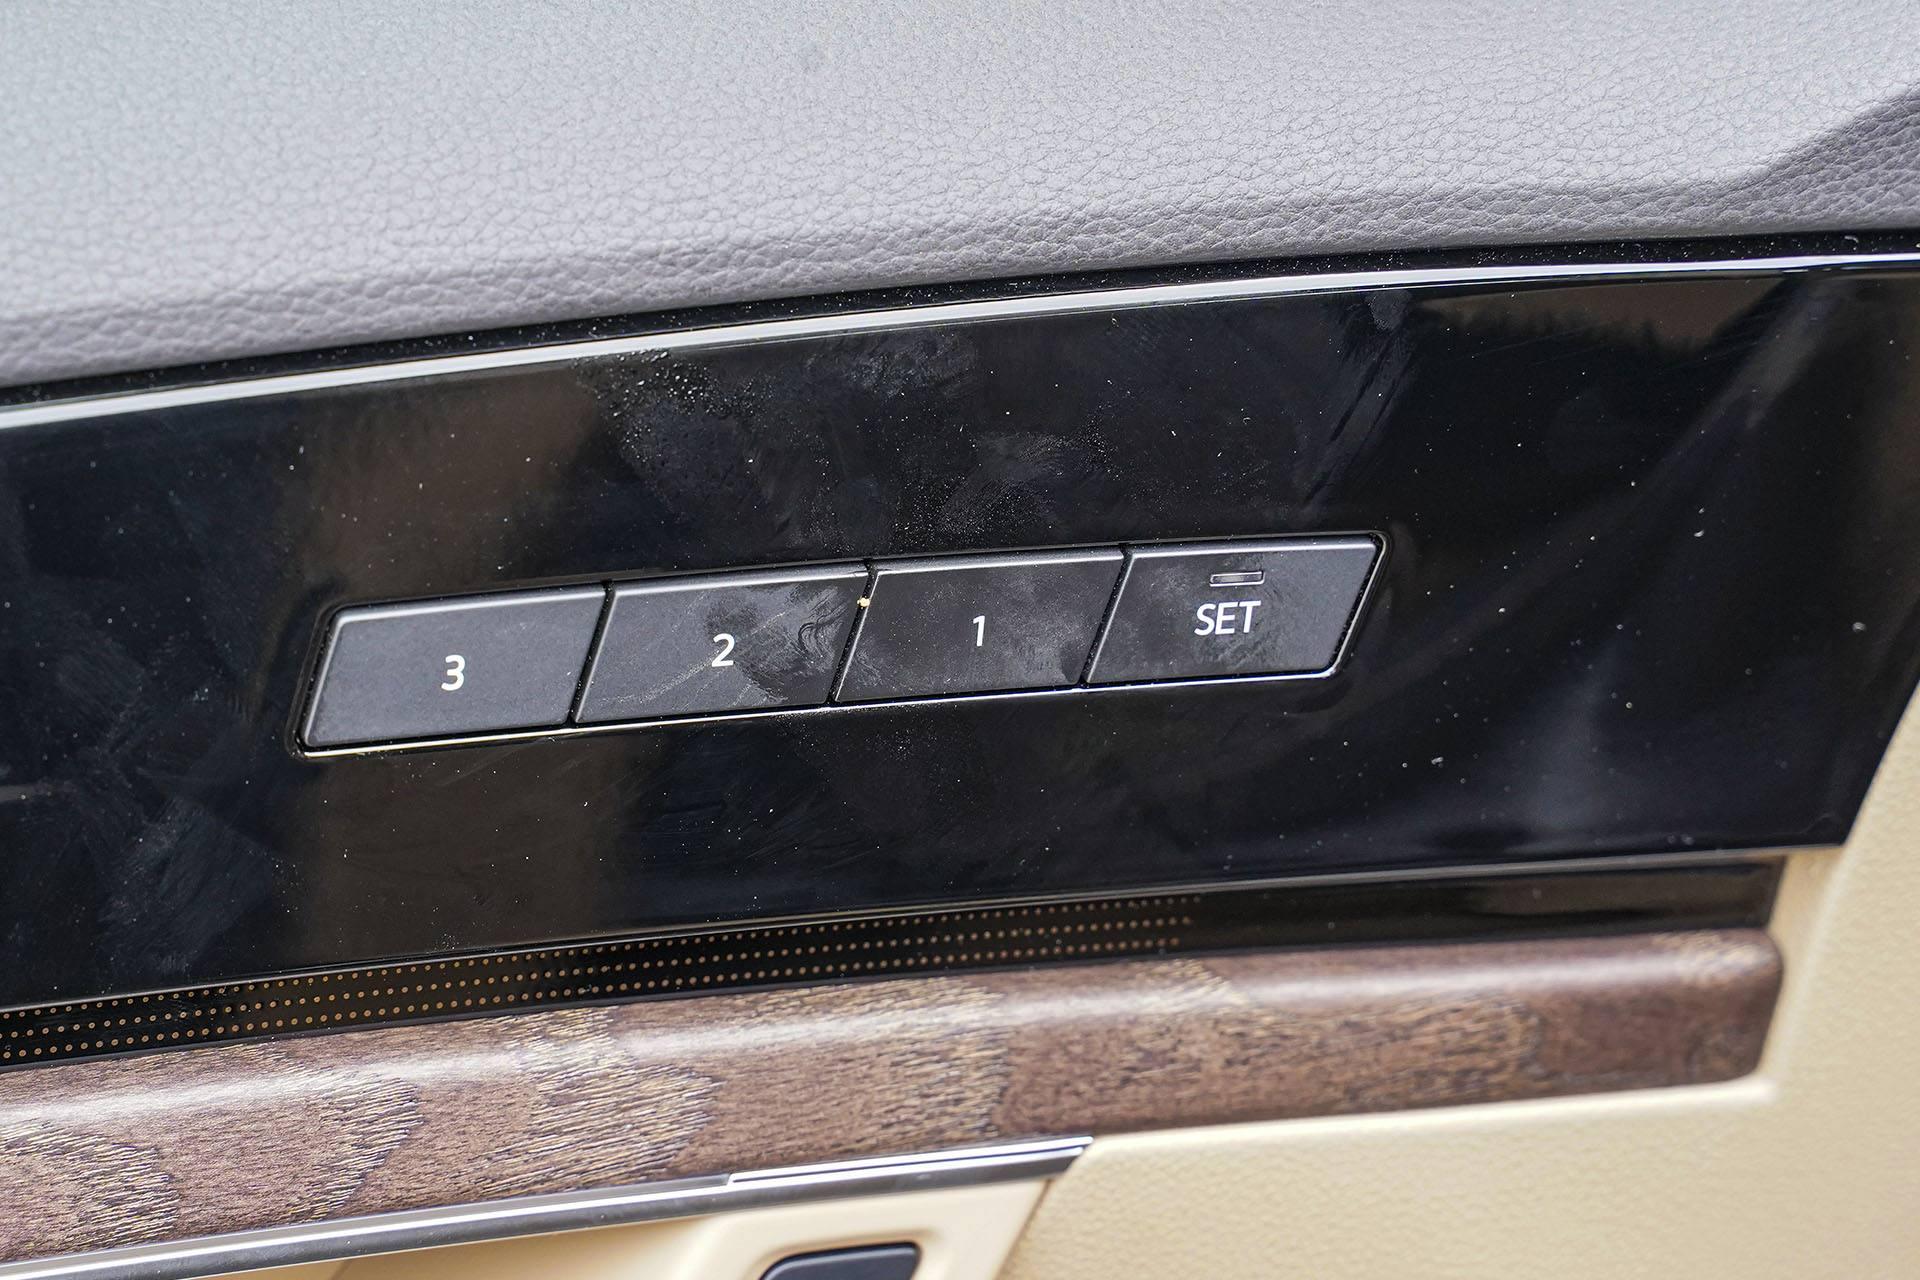 Volkswagen Touareg - błyszczący plastik - Land Rover Discovery, Mercedes GLE, Range Rover Sport, Volkswagen Touareg, Volvo XC90 – PORÓWNANIE –opinie, dane techniczne, wymiary